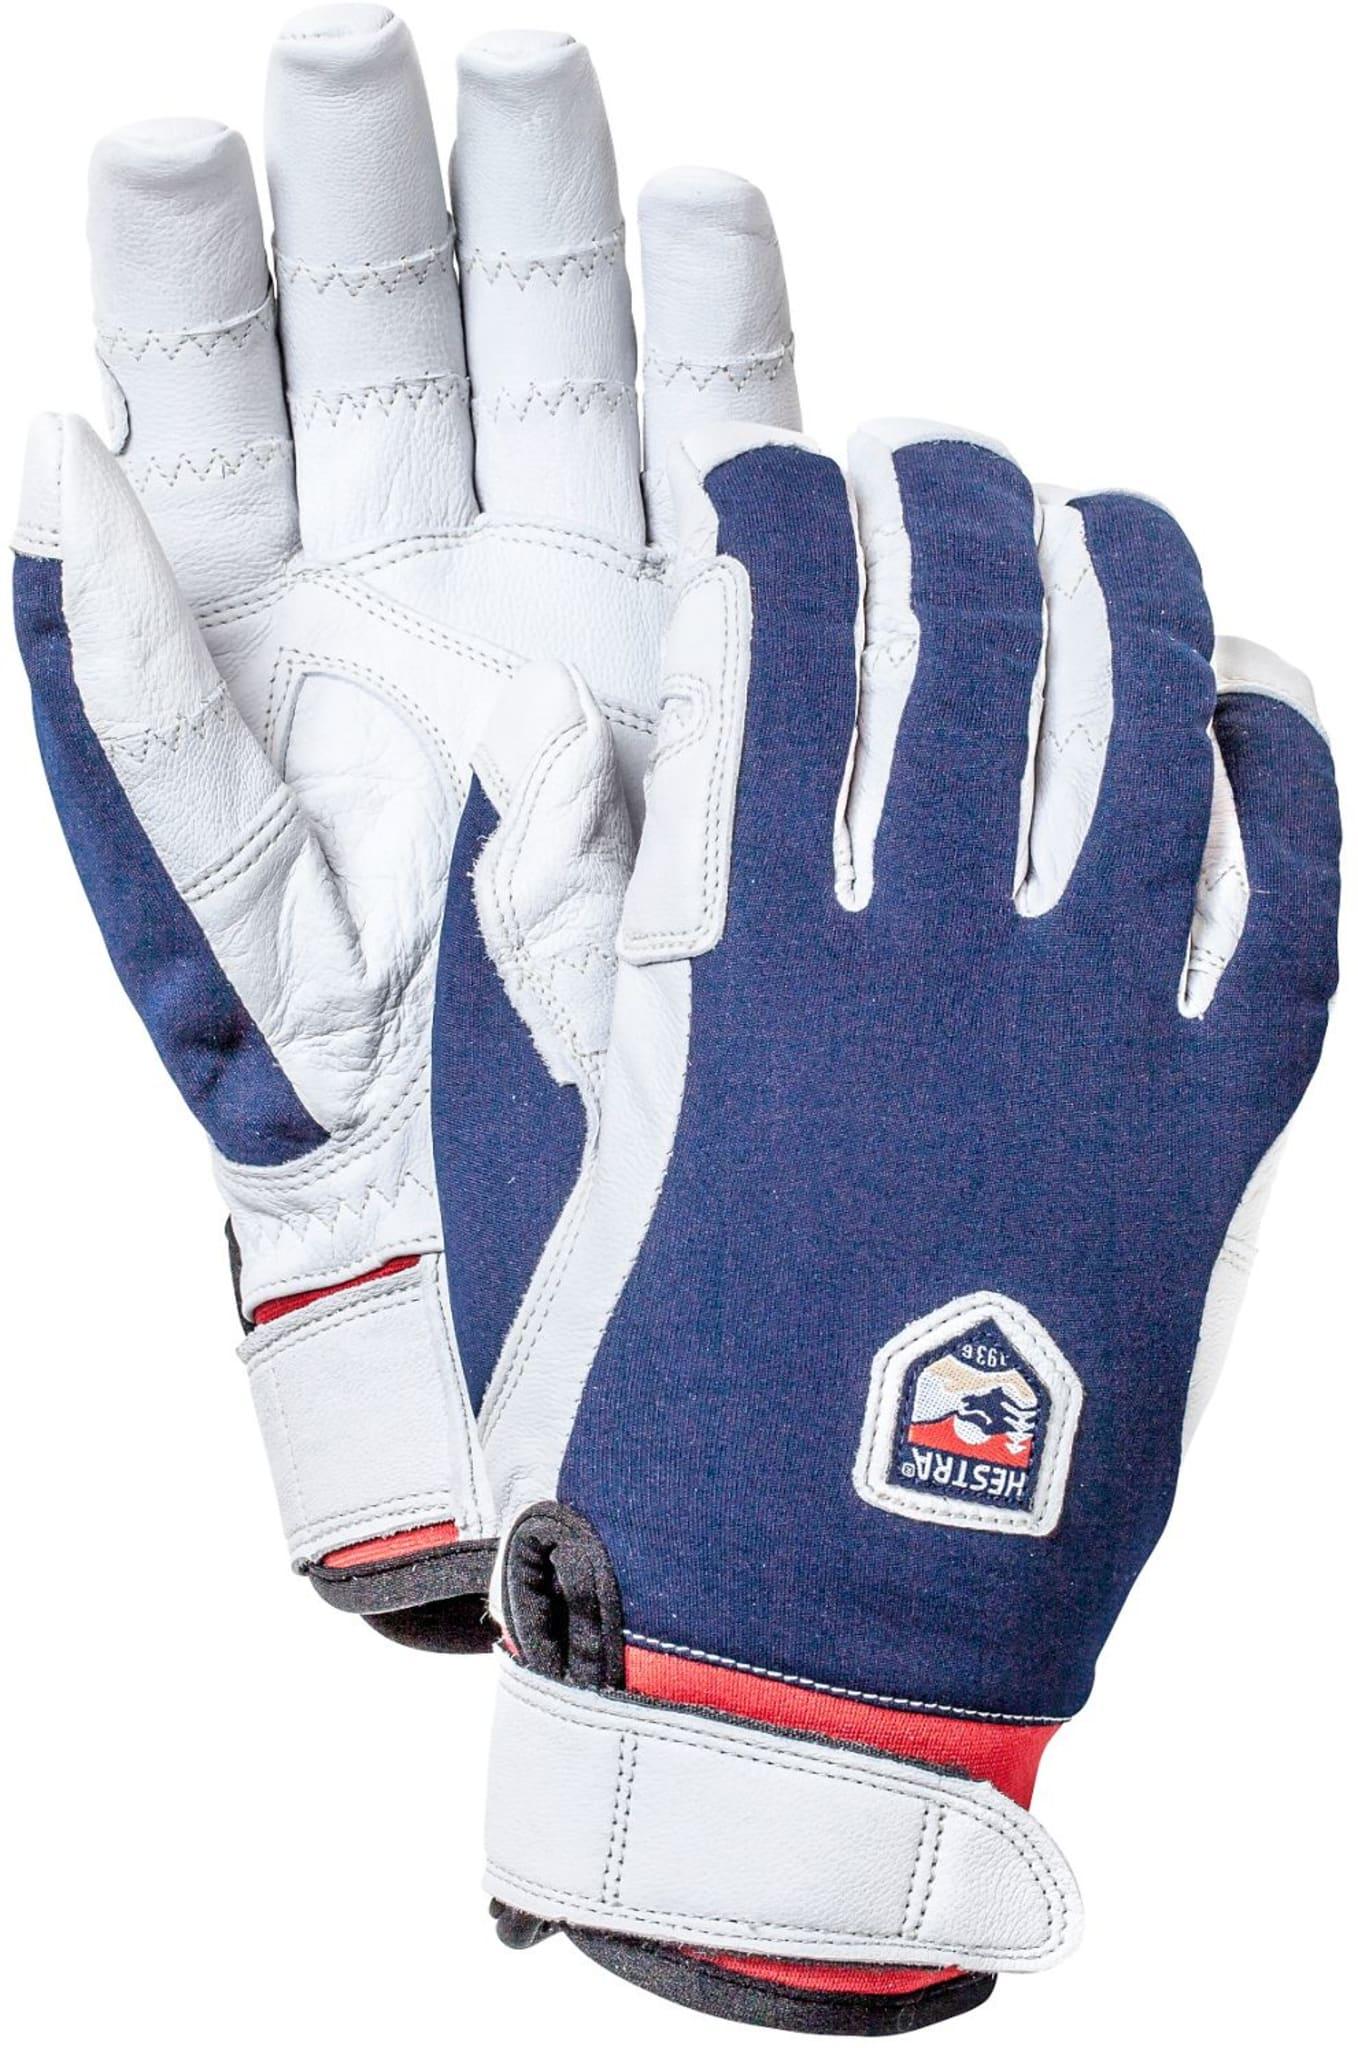 Ergo Grip Active Gloves